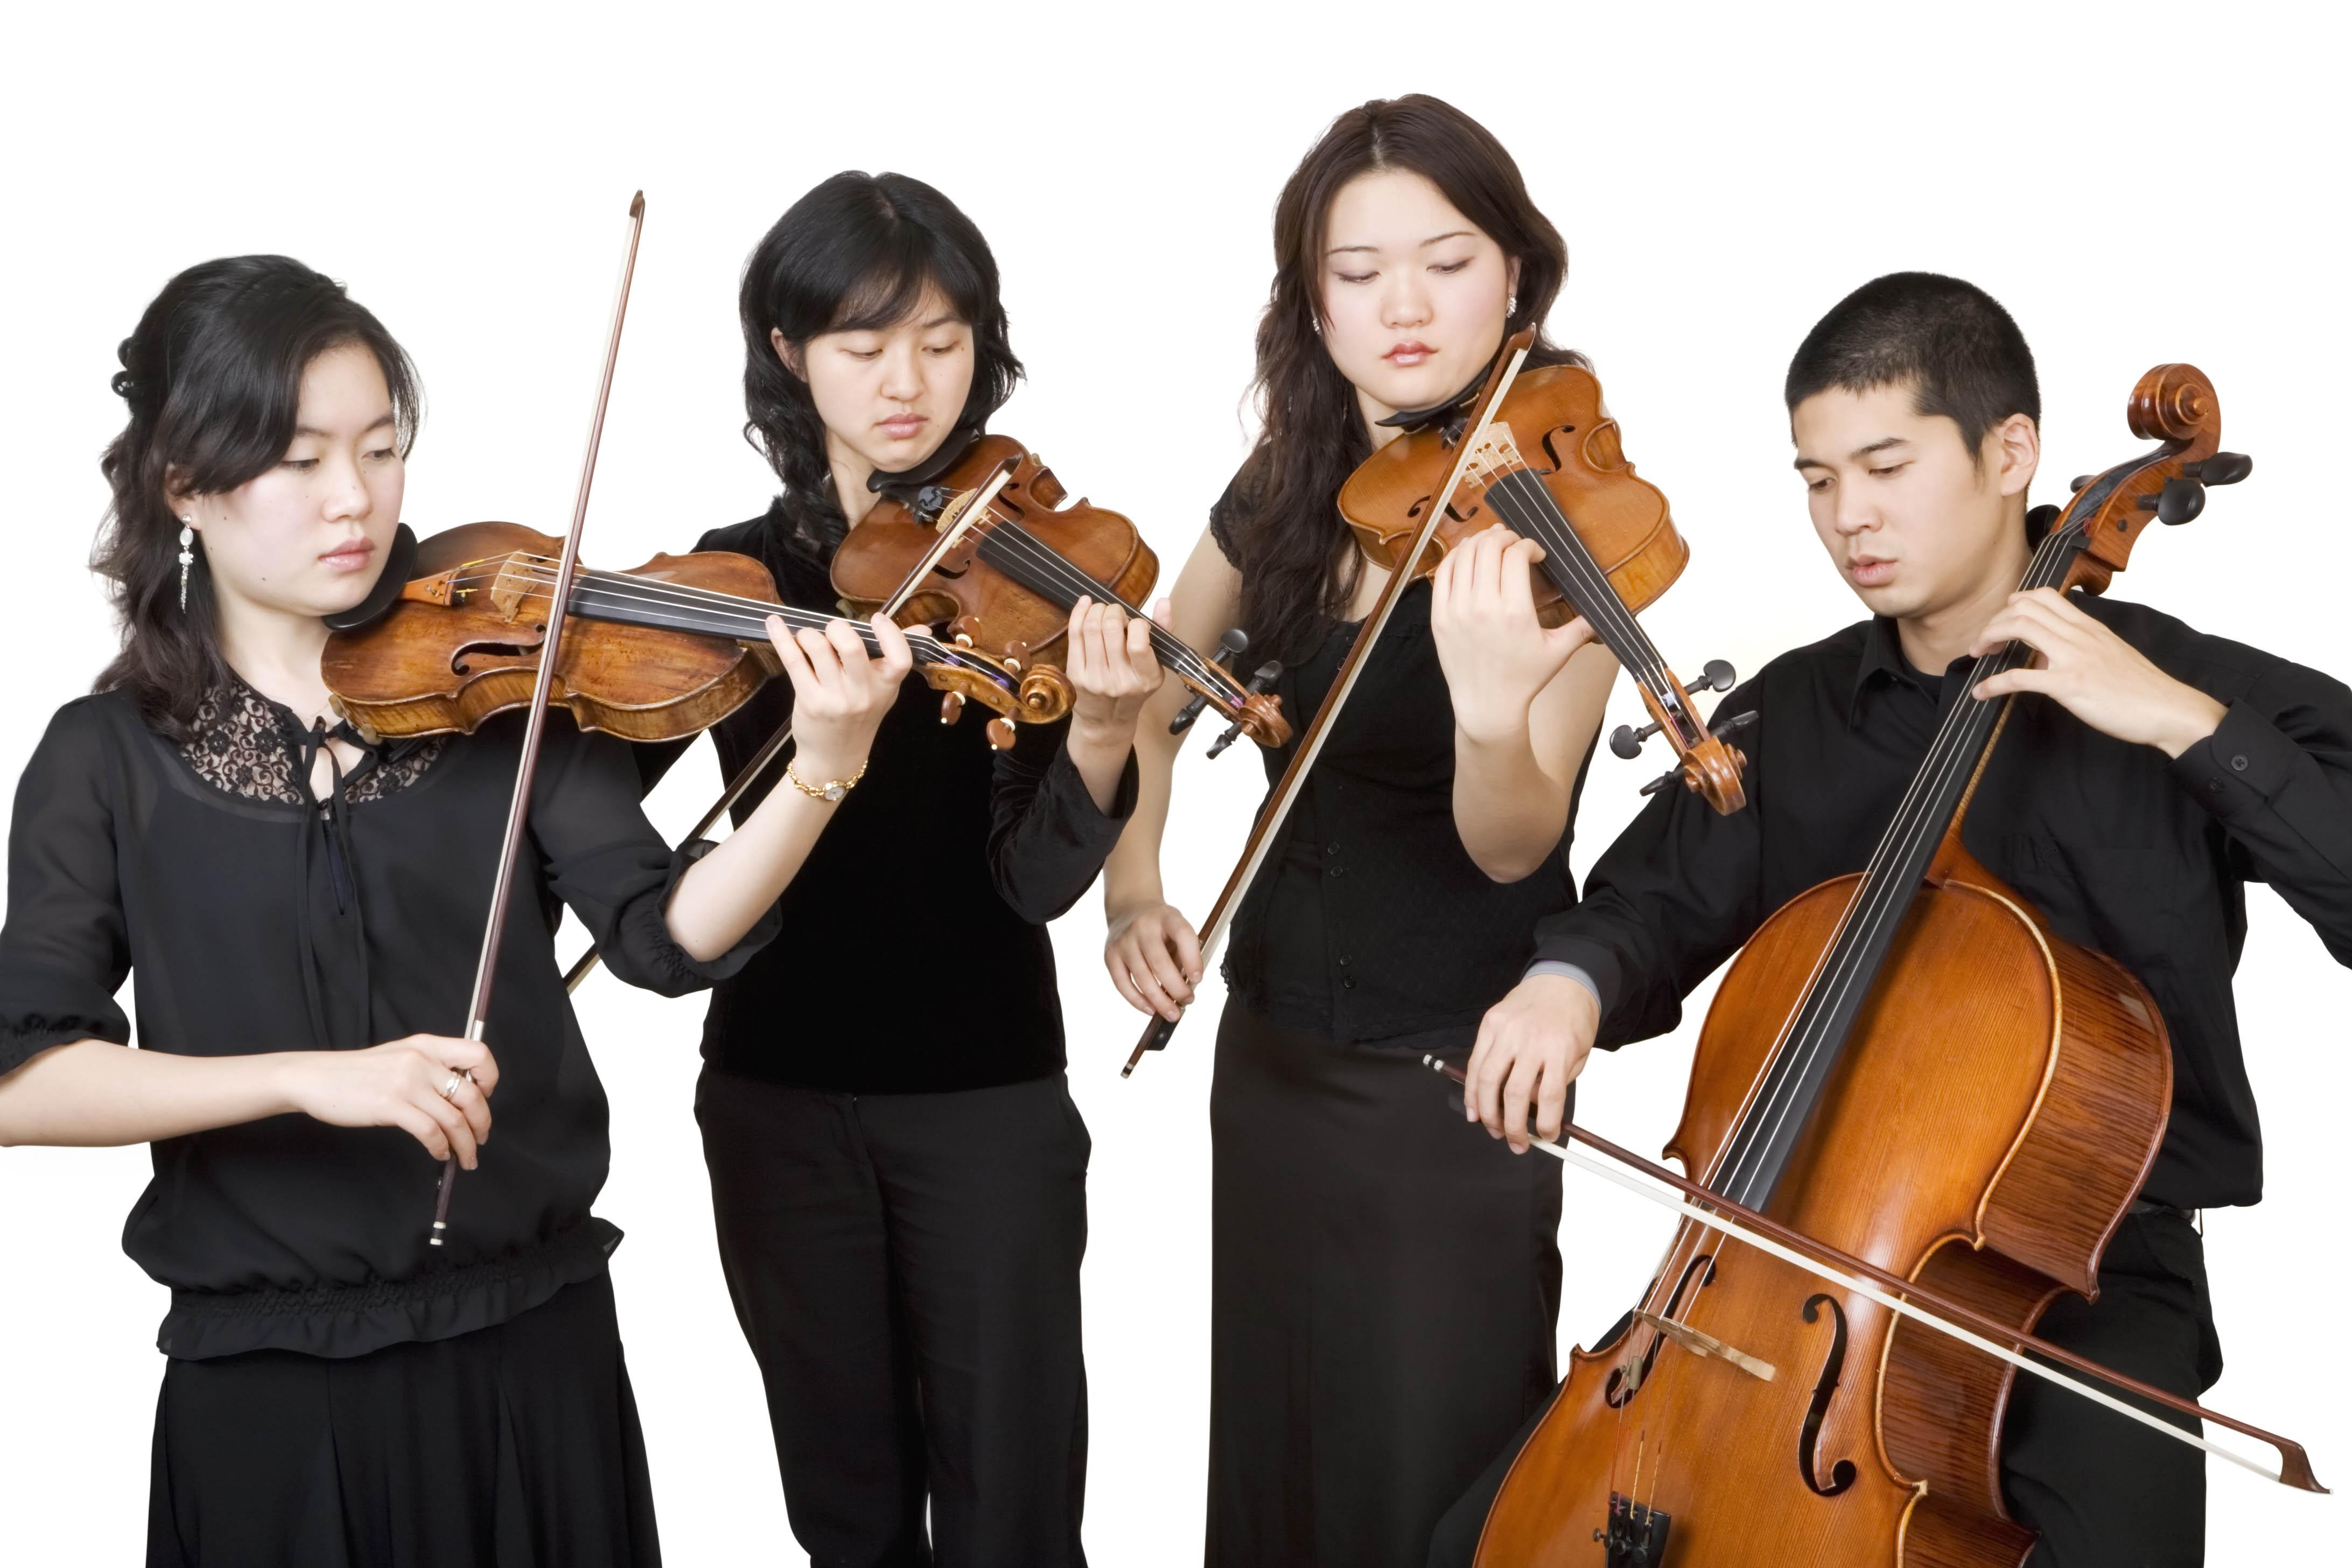 groupe de violonistes